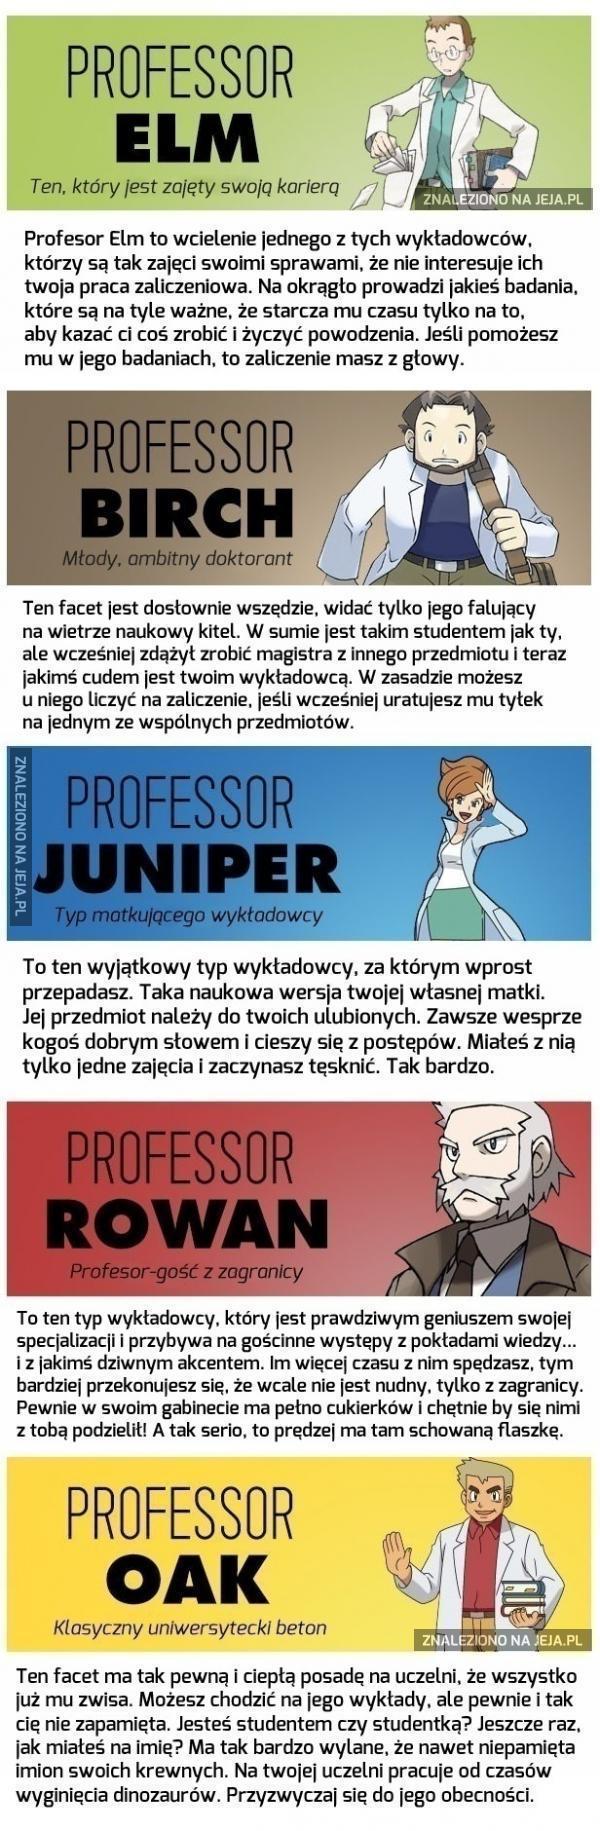 Każdy student zauważy podobieństwa